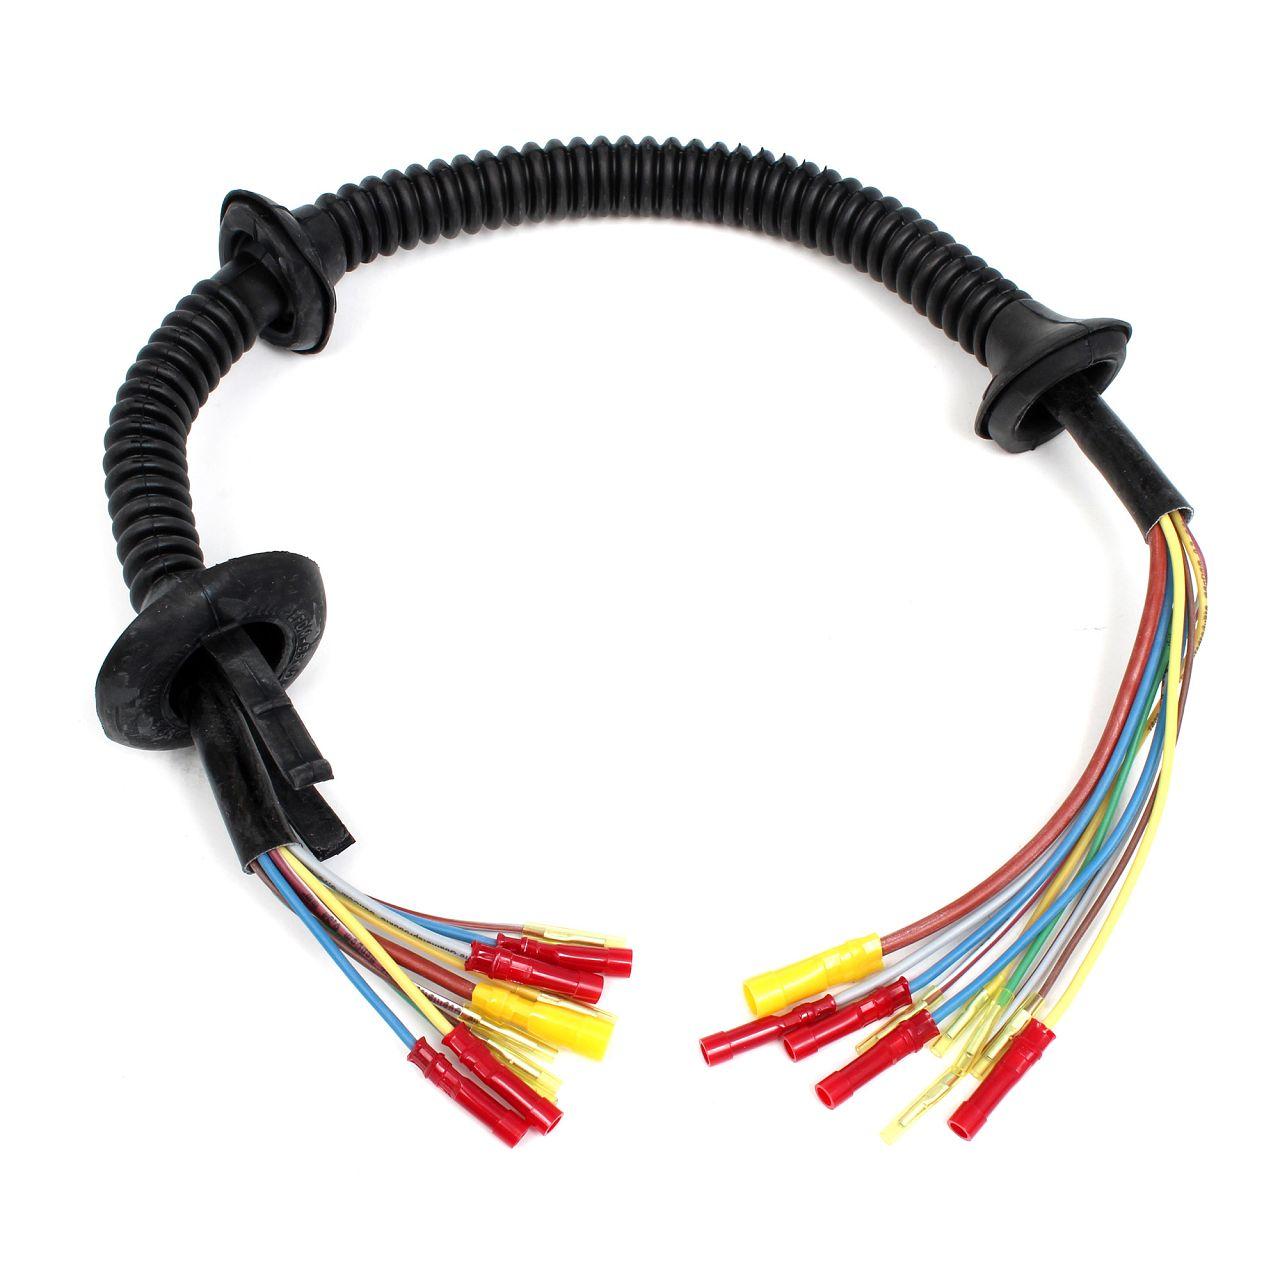 Kabelbaum Kabelsatz Kofferraum Heckklappe für BMW 3er E46 STUFENHECK 10-polig